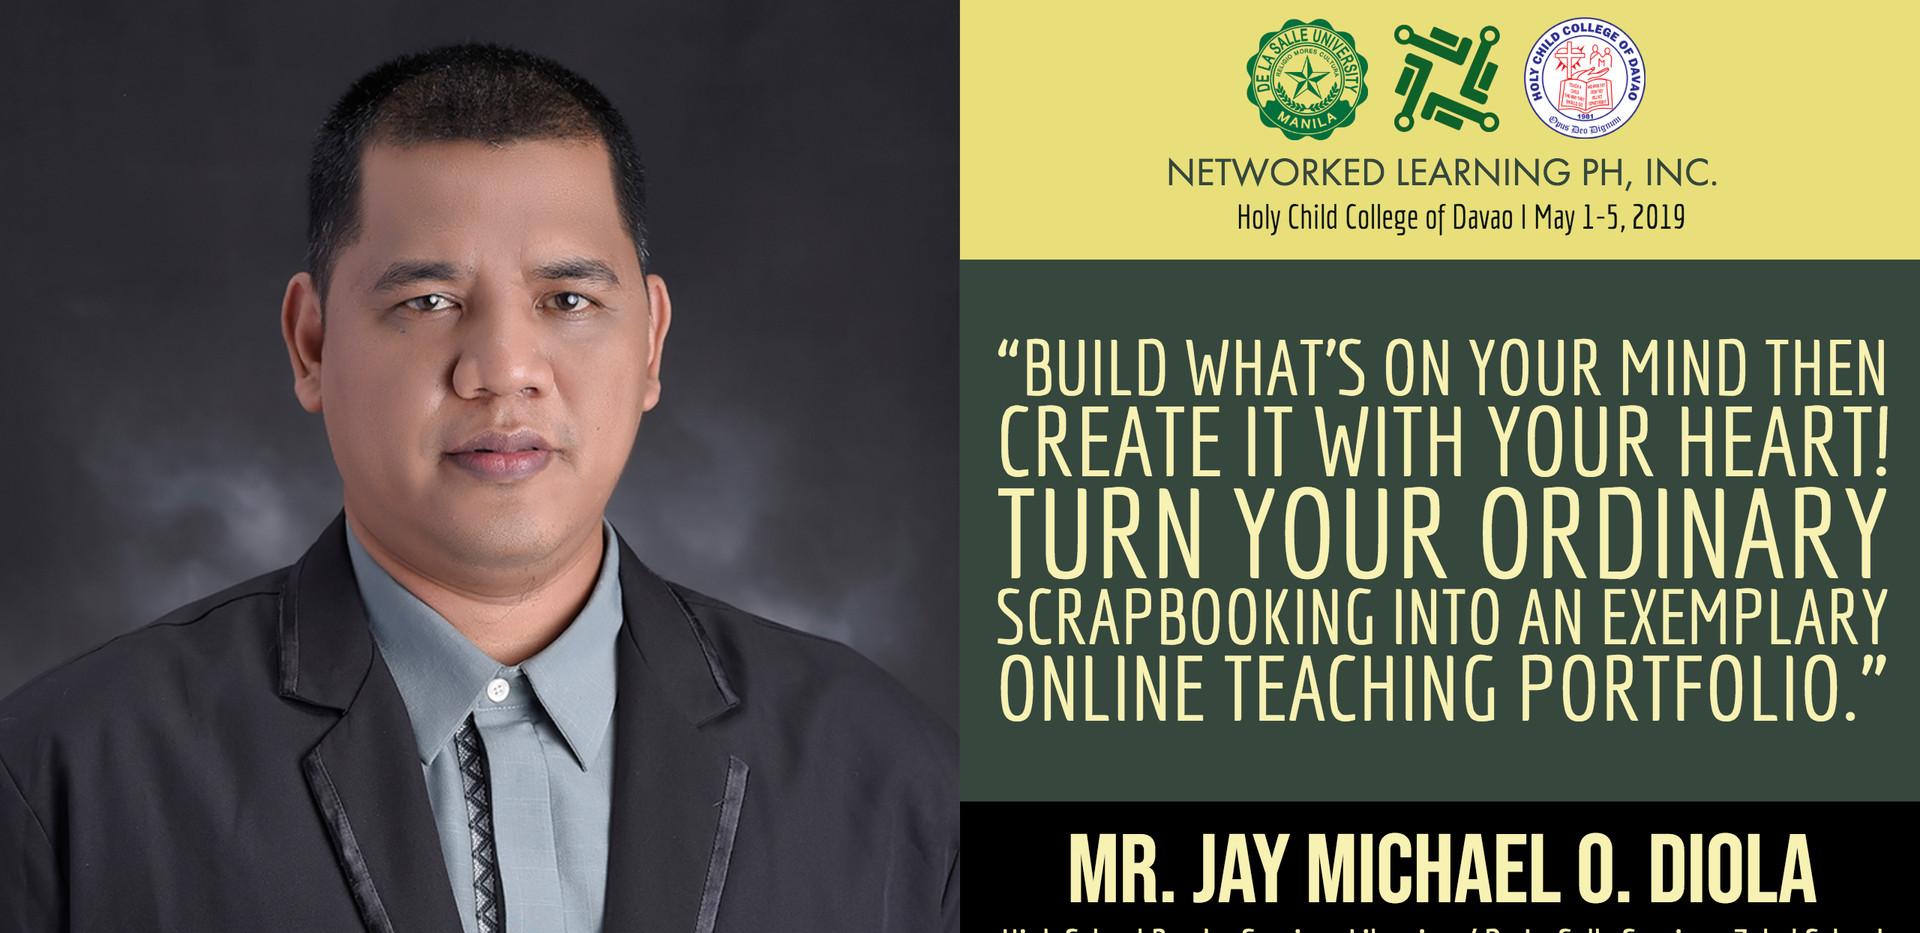 Mr. Jay Michael O. Diola